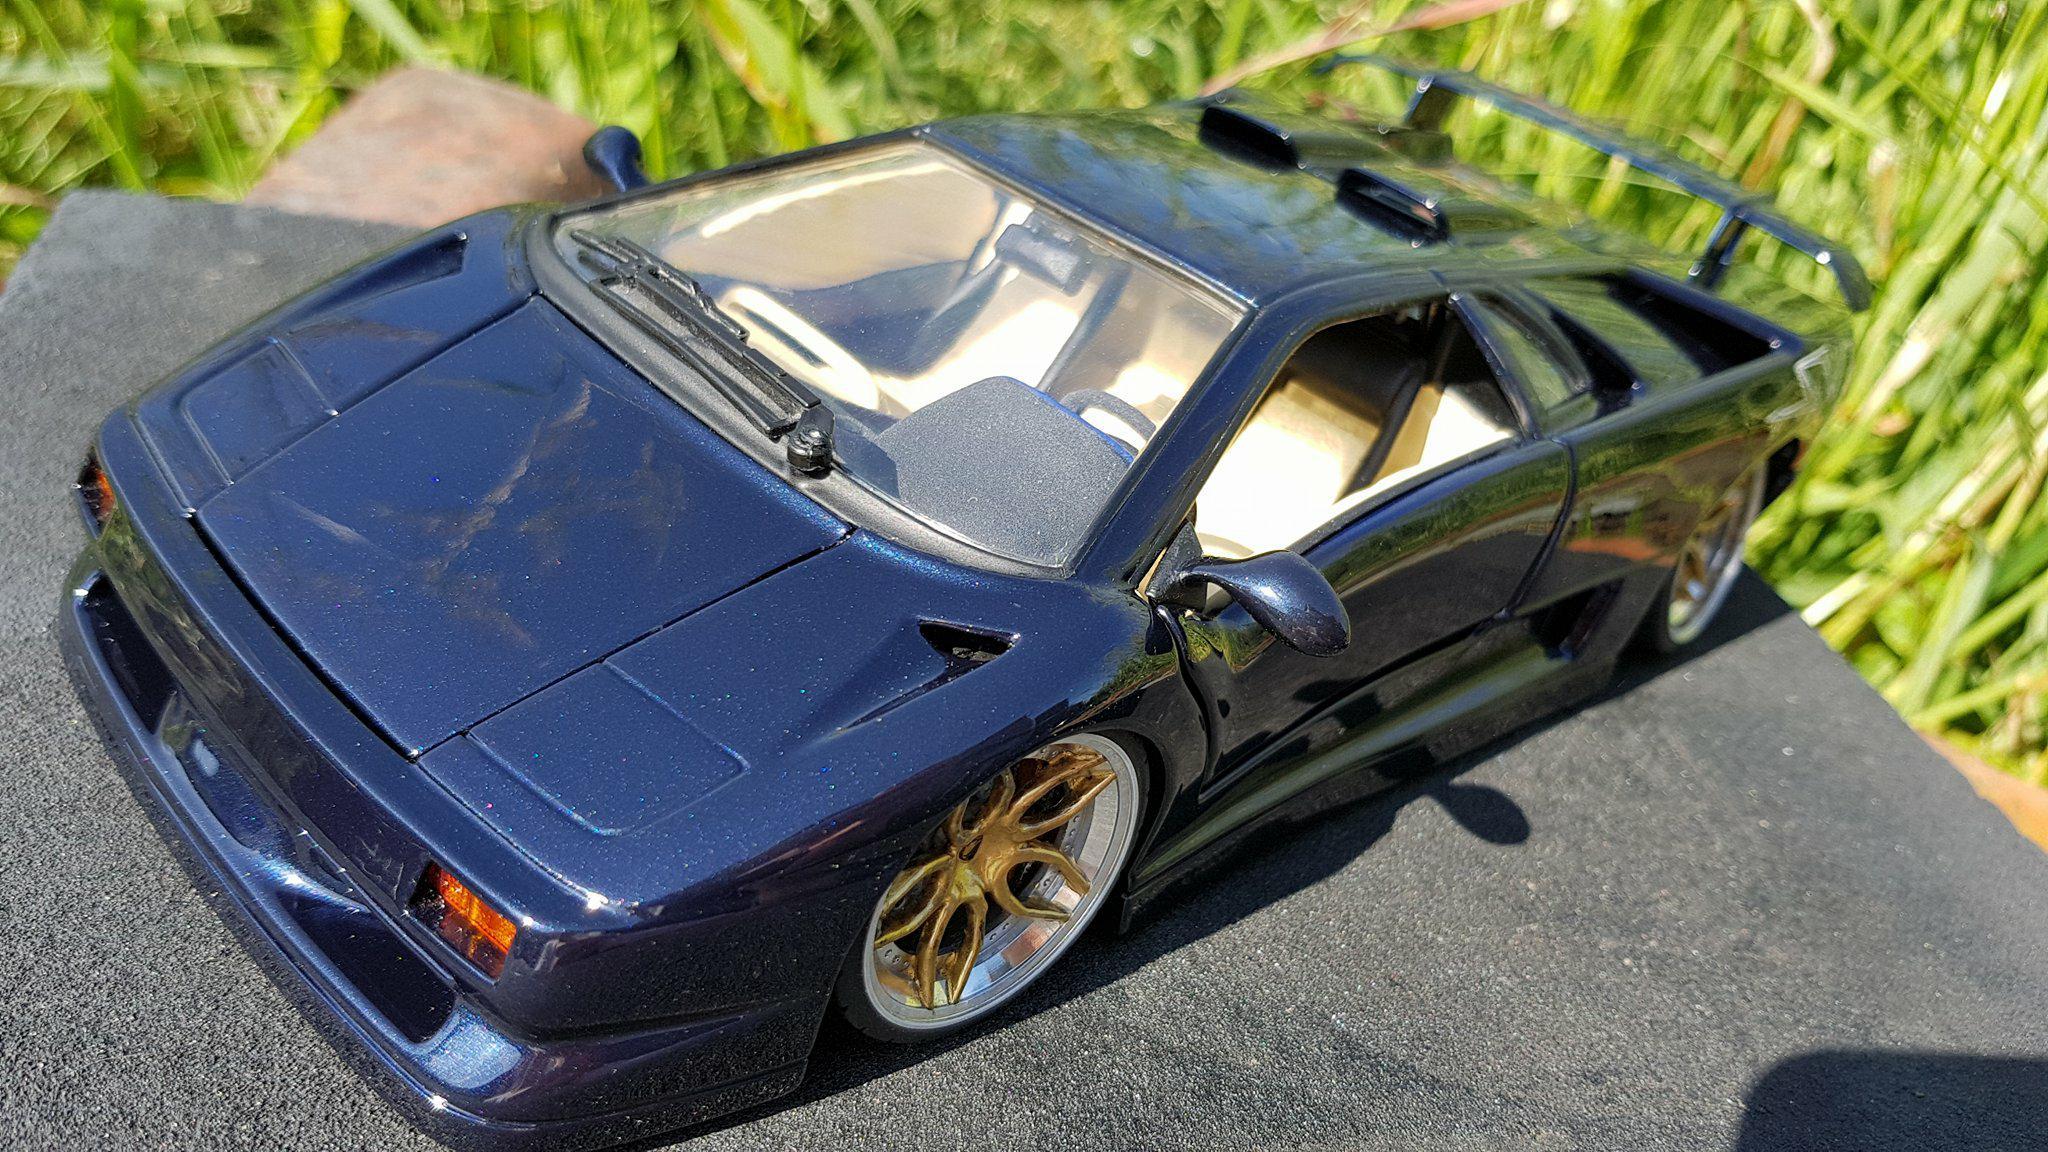 Modèle réduit Lamborghini Diablo SV blu fontus  jantes 20 pouces tuning Maisto. Lamborghini Diablo SV blu fontus  jantes 20 pouces miniature 1/18